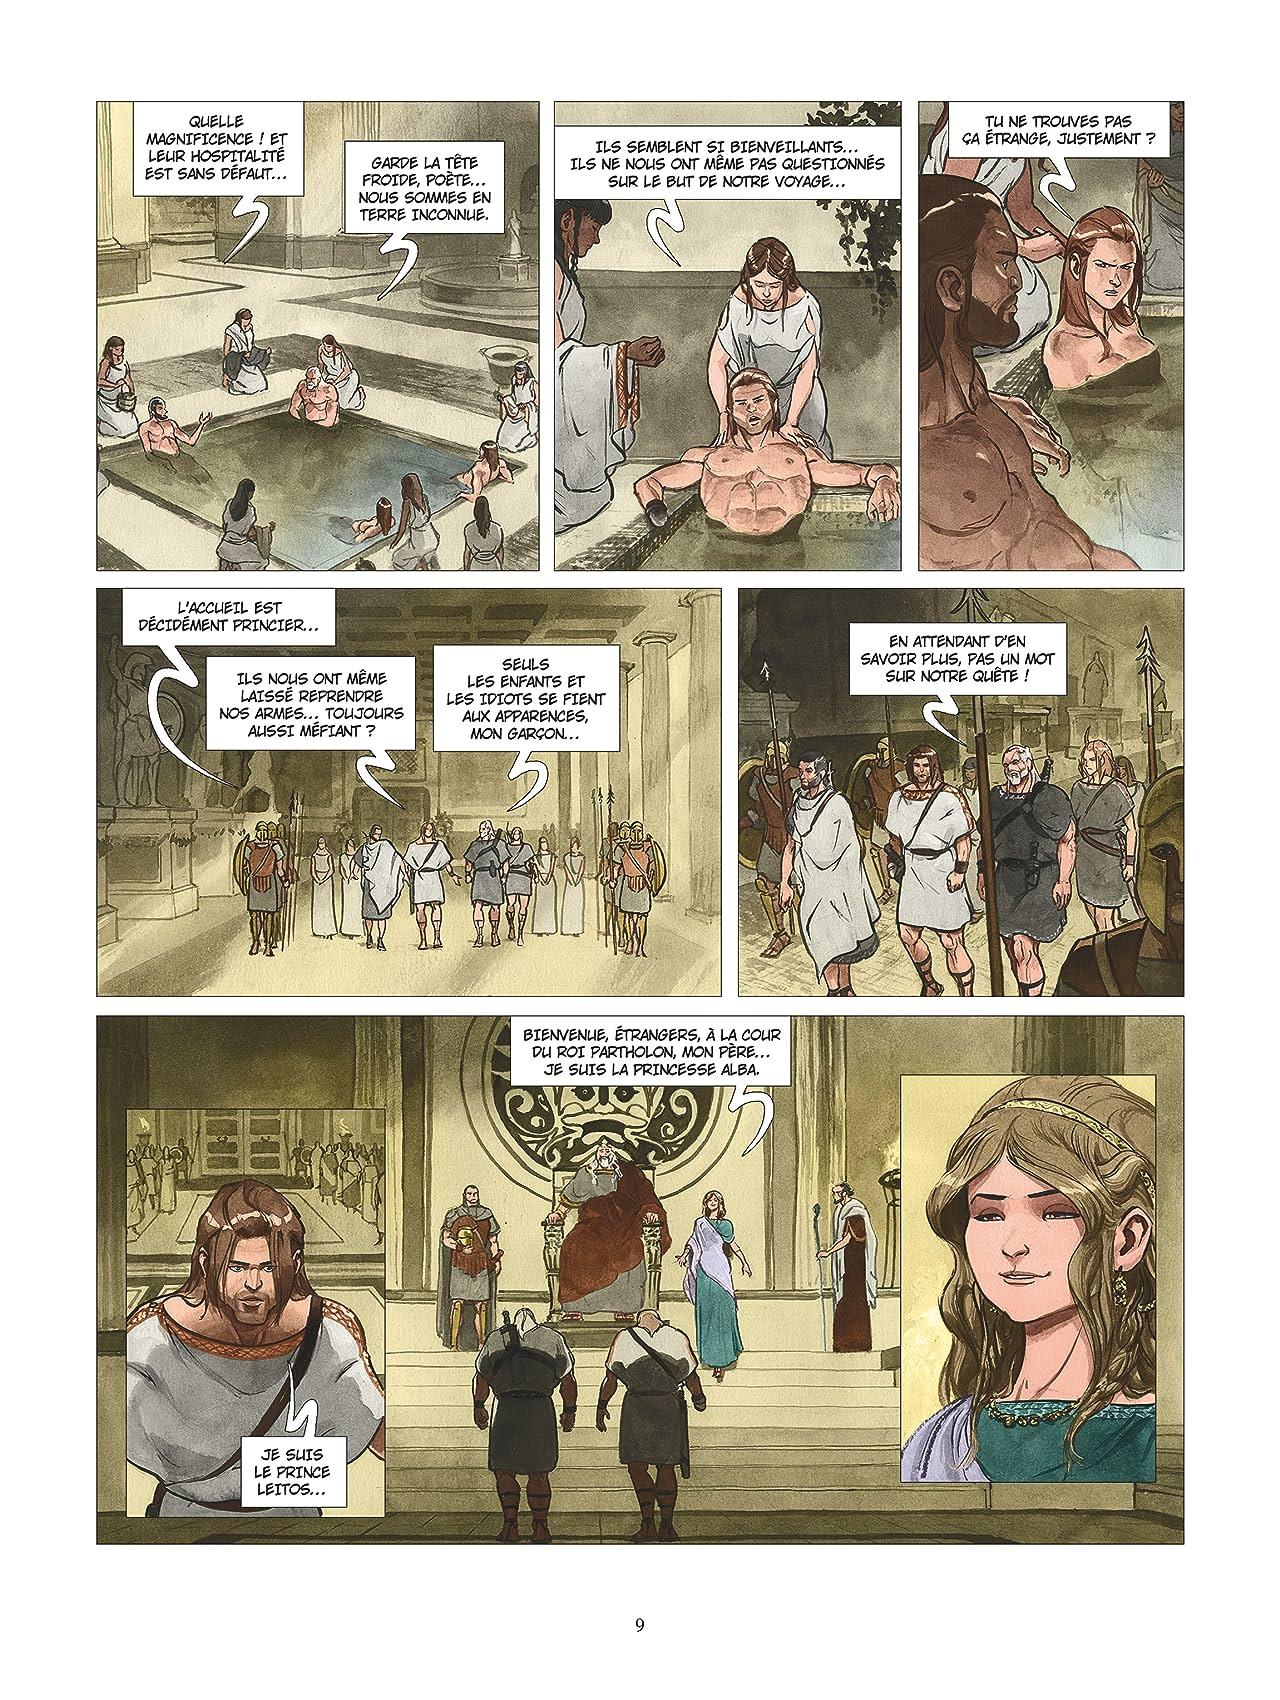 Les Derniers Argonautes Vol. 3: L'Orbe du monde